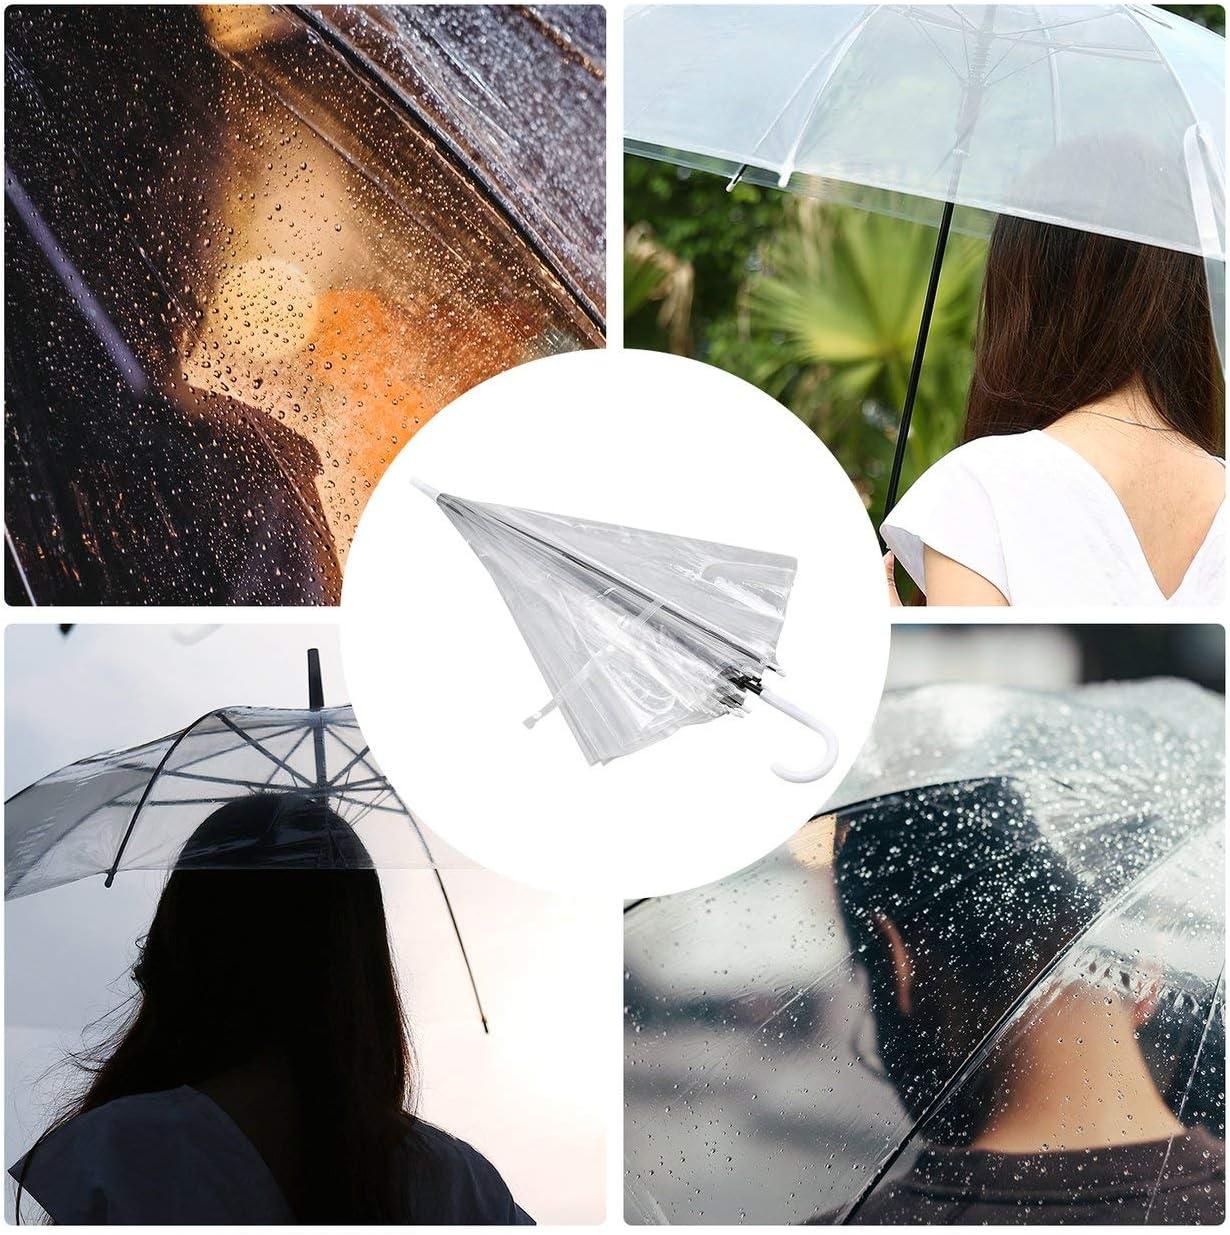 Ballylelly Winddicht mode transparent klar automatische regenschirm sonnenschirm f/ür hochzeitsbevorzugung stehen von innen nach au/ßen regen sch/ützen